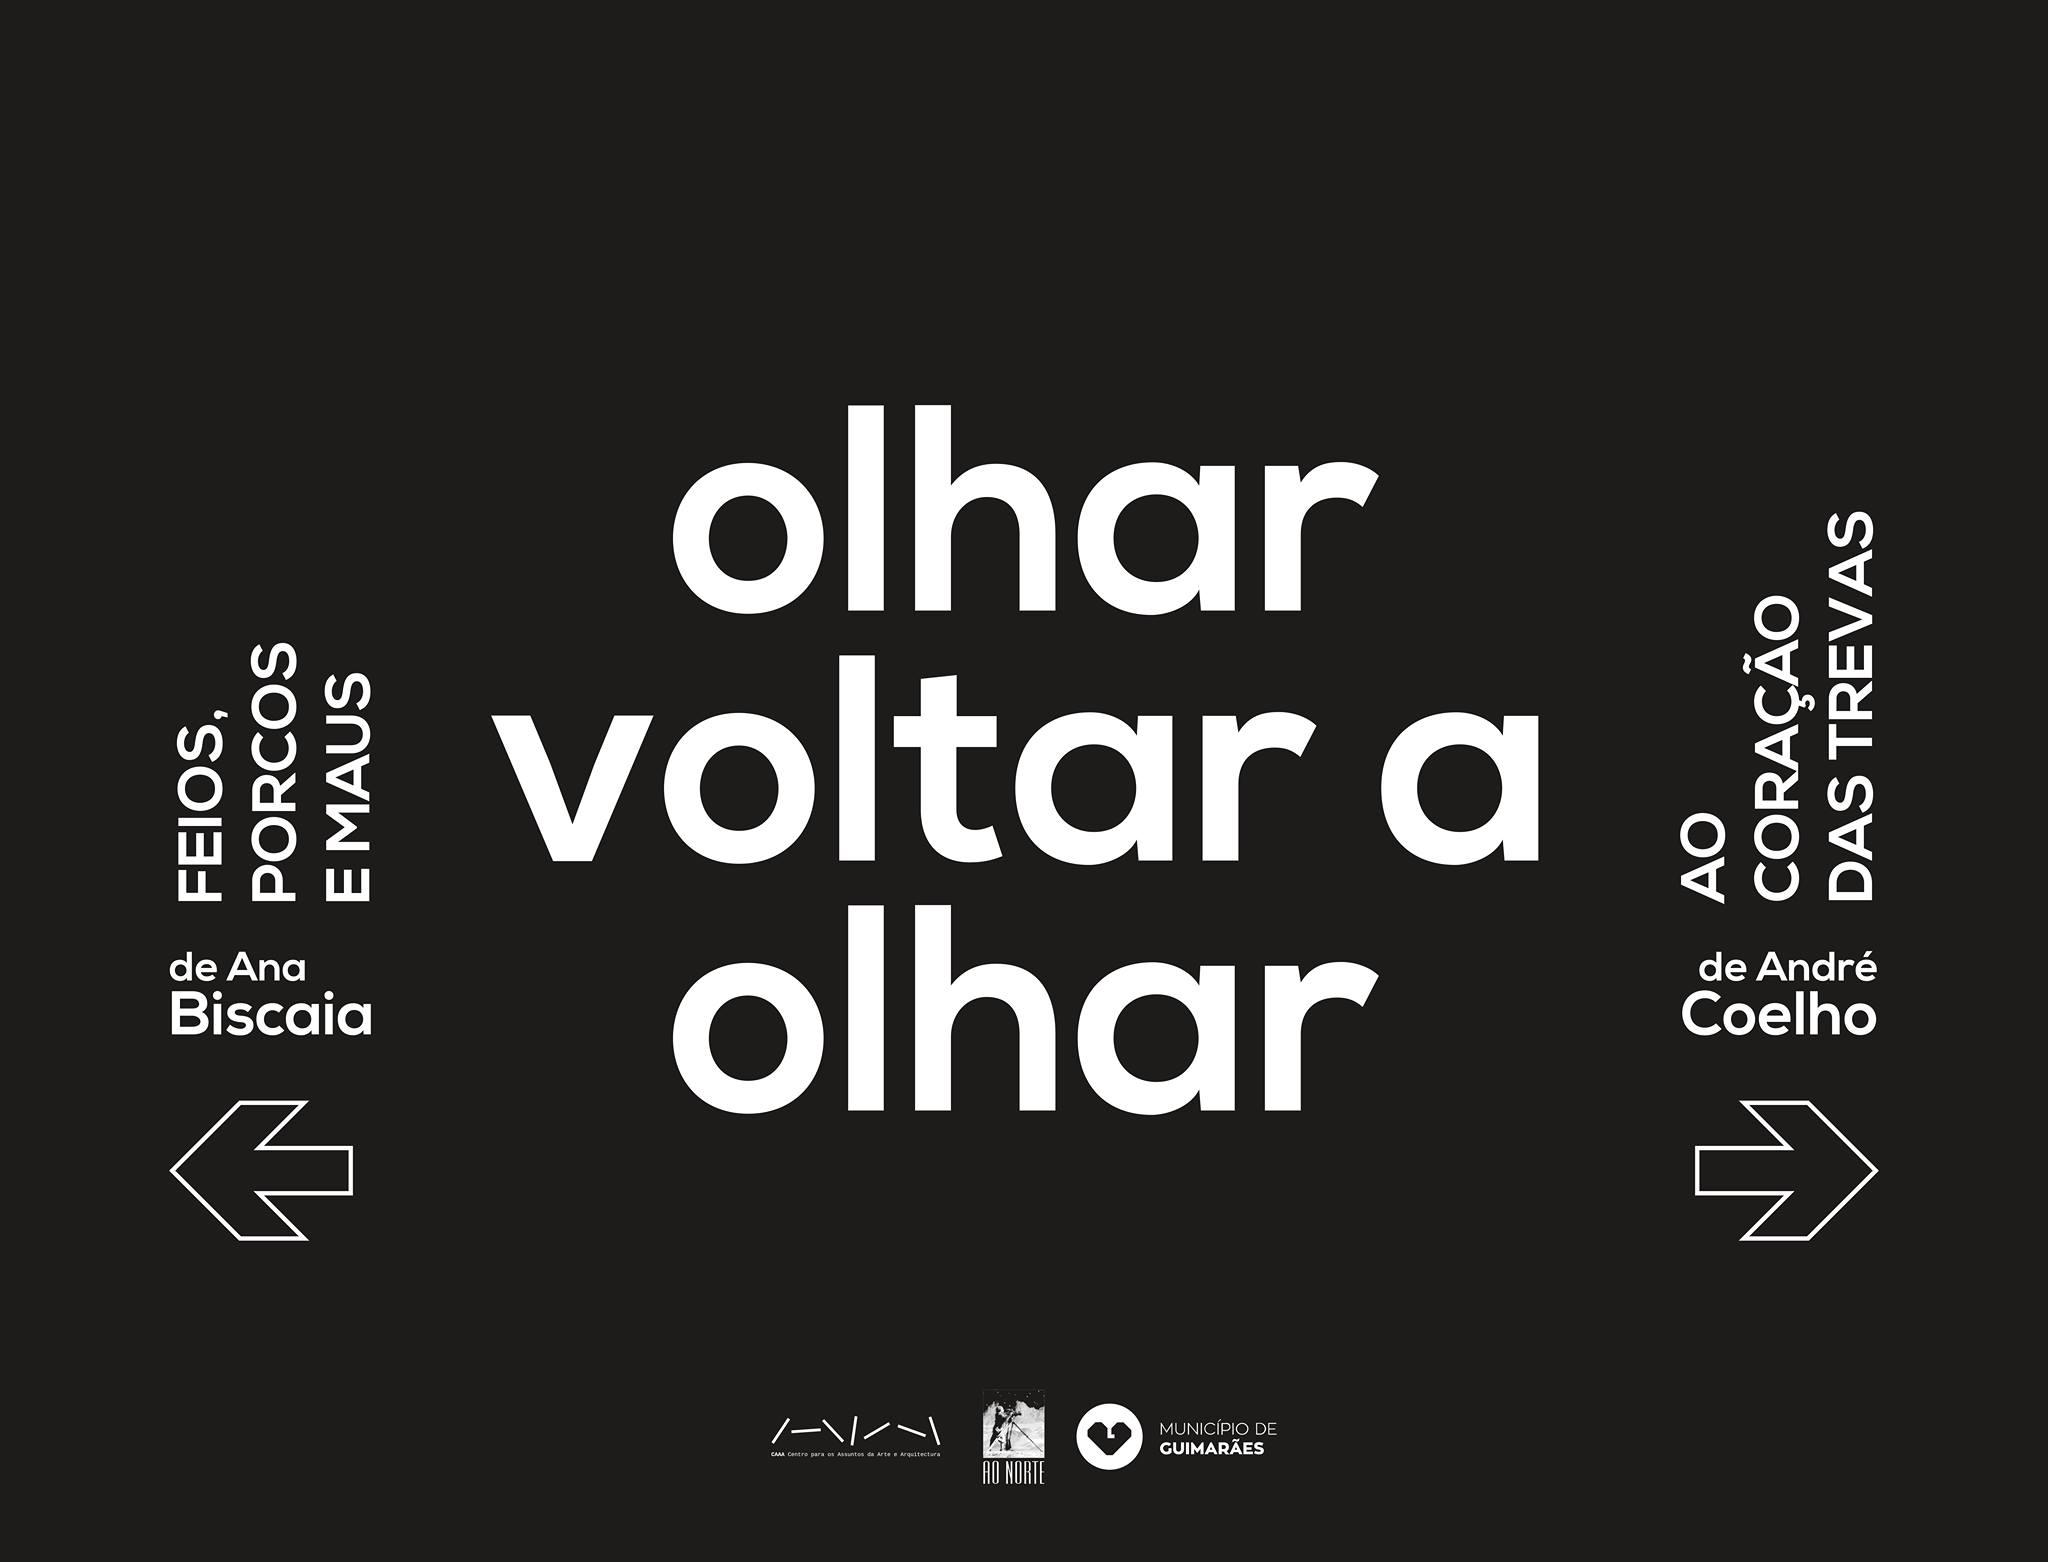 OLHAR VOLTAR A OLHAR Ciclo Expositivo de Ilustração